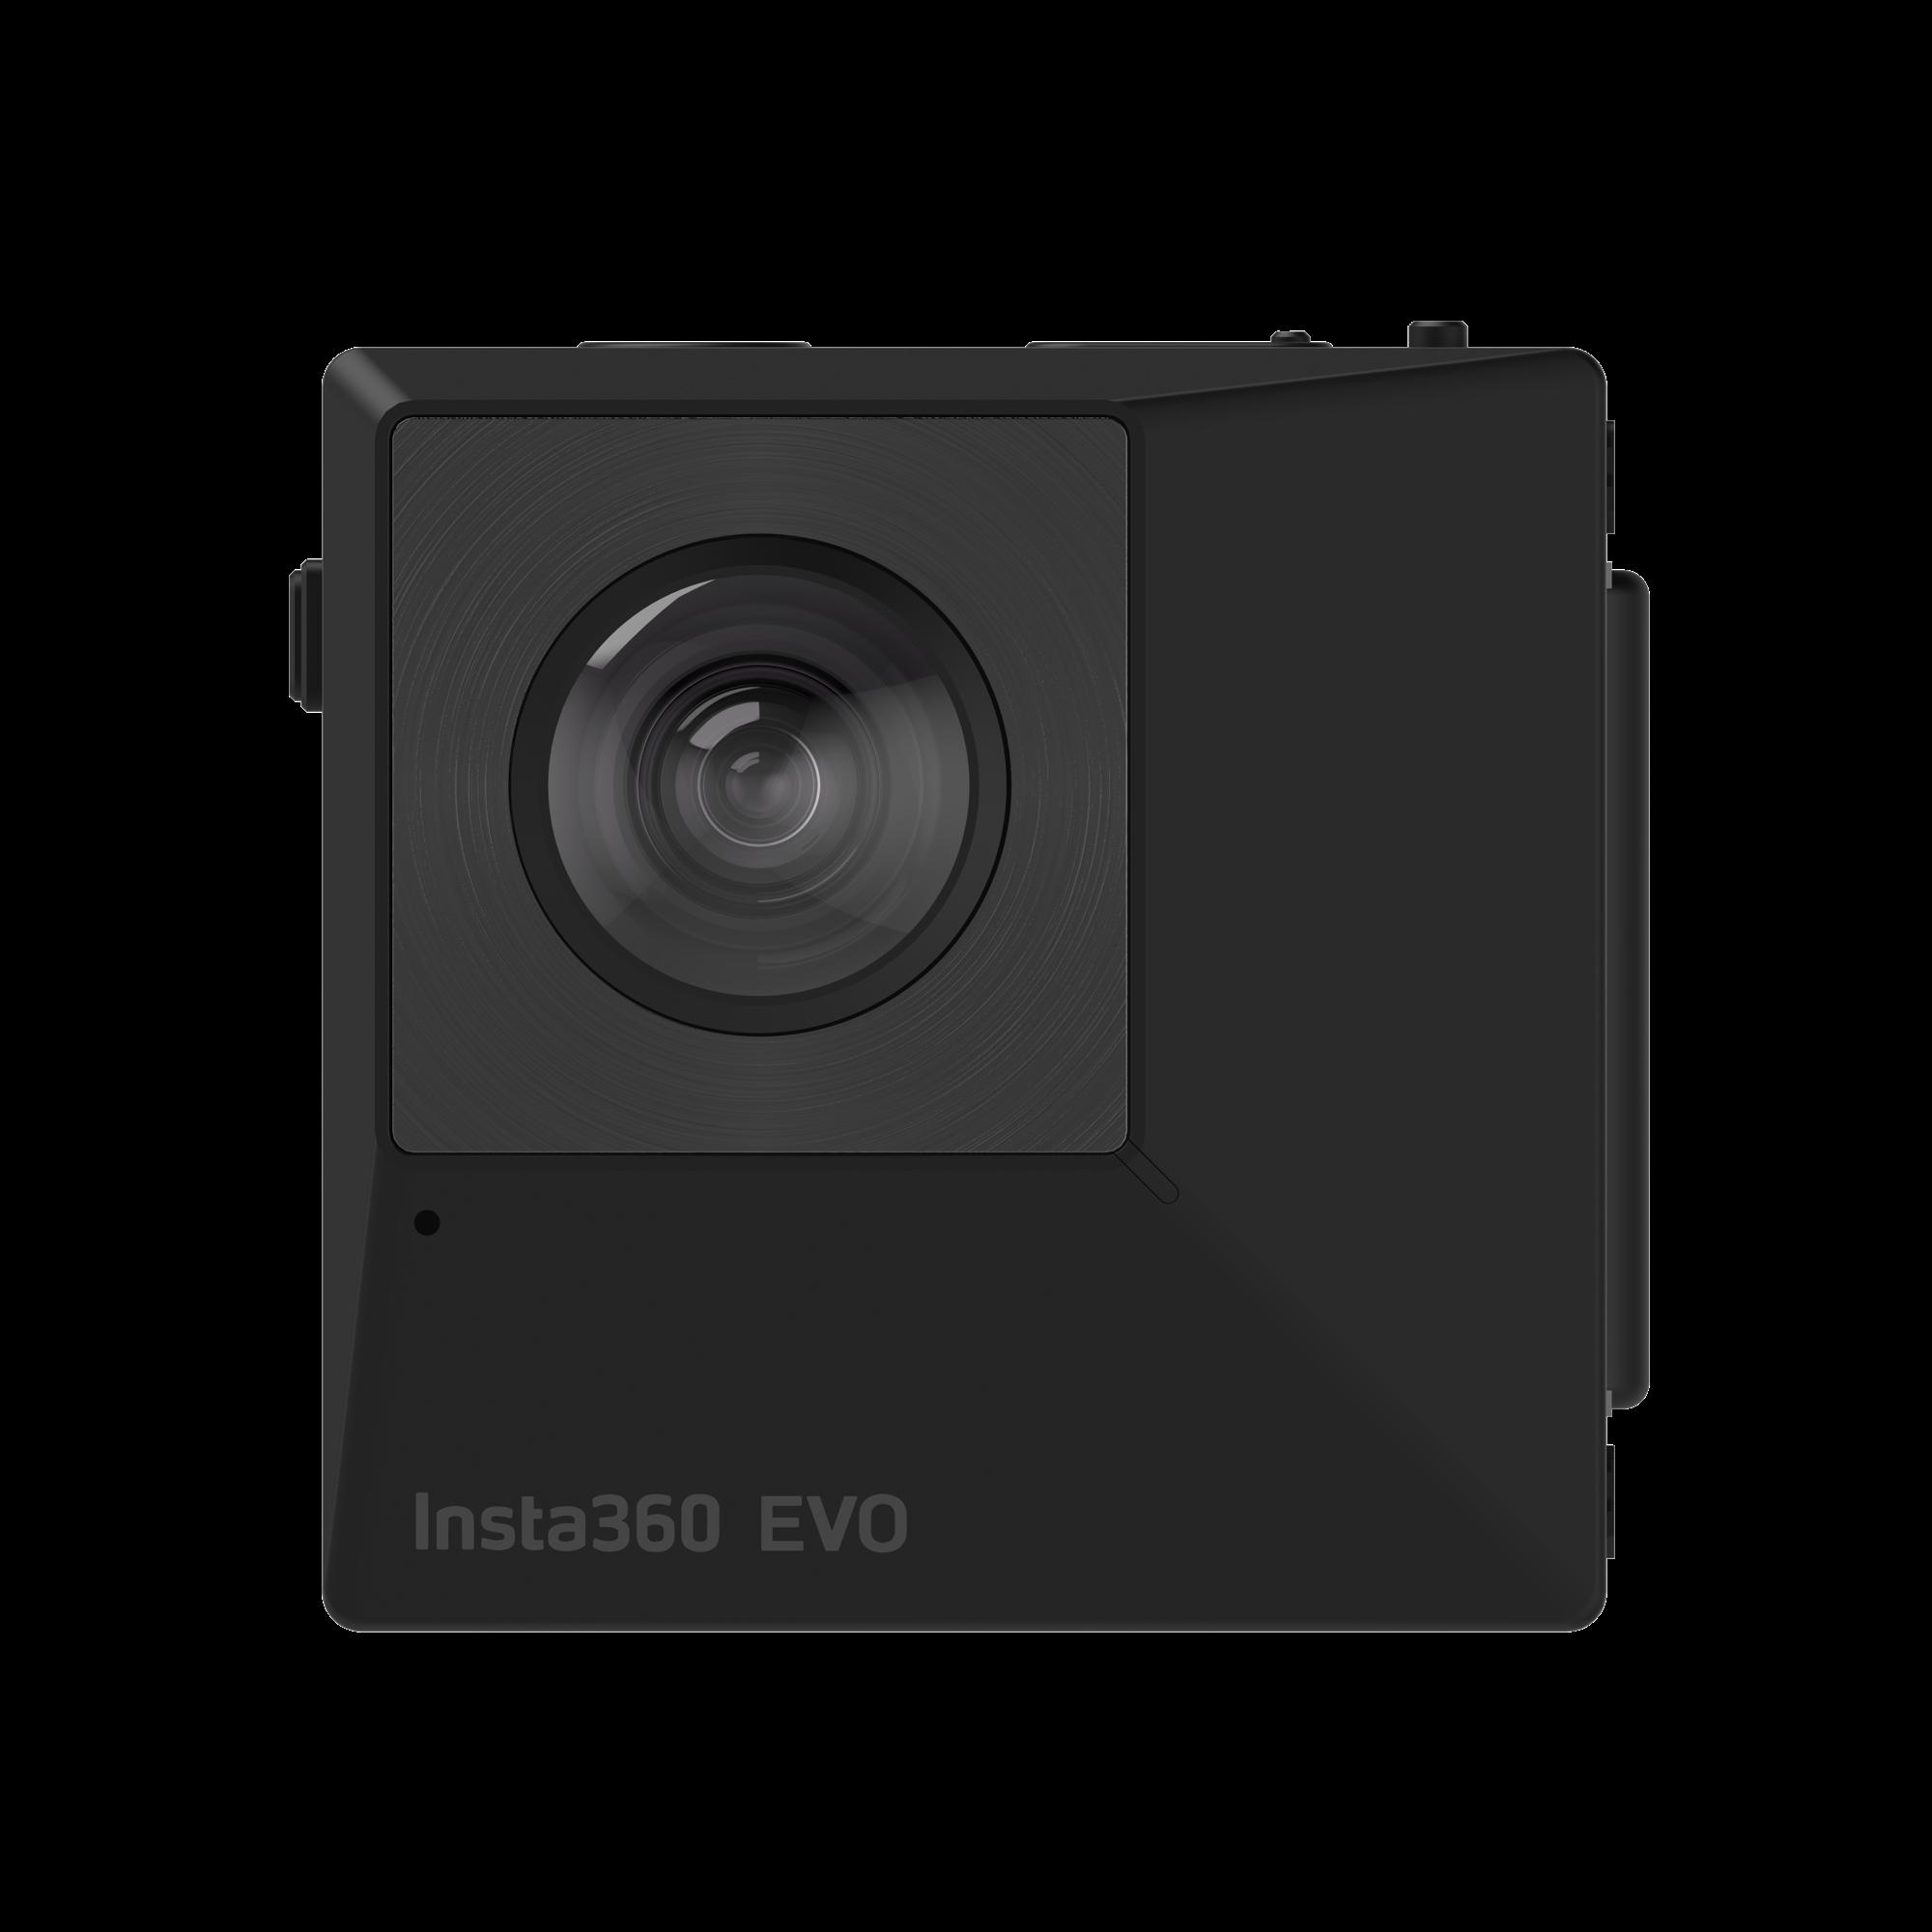 Insta360 EVO (8)